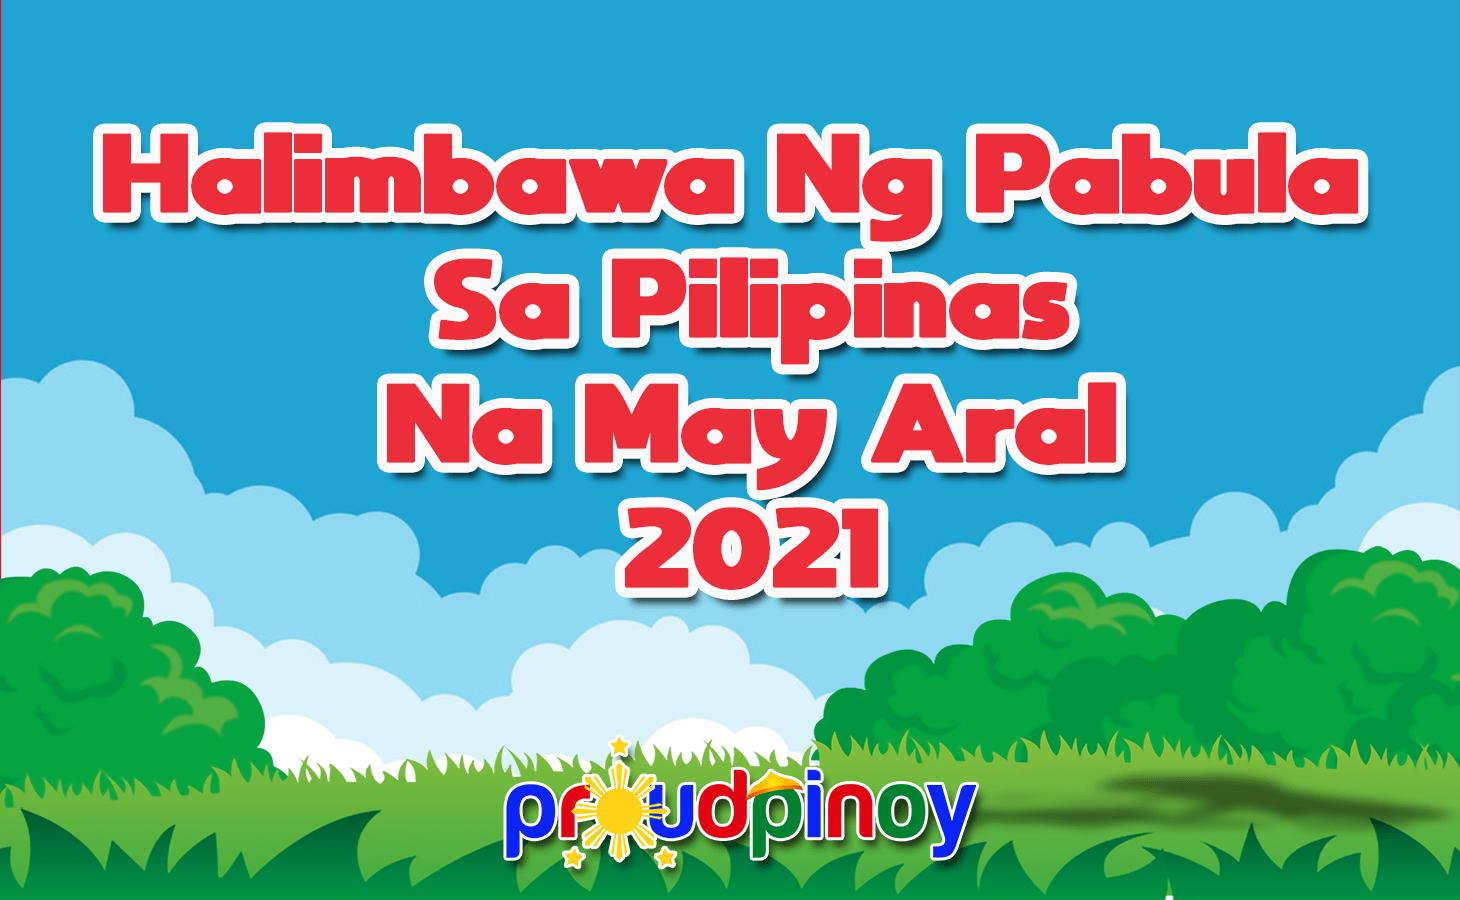 Halimbawa ng Pabula na May Aral sa Pilipinas 2021